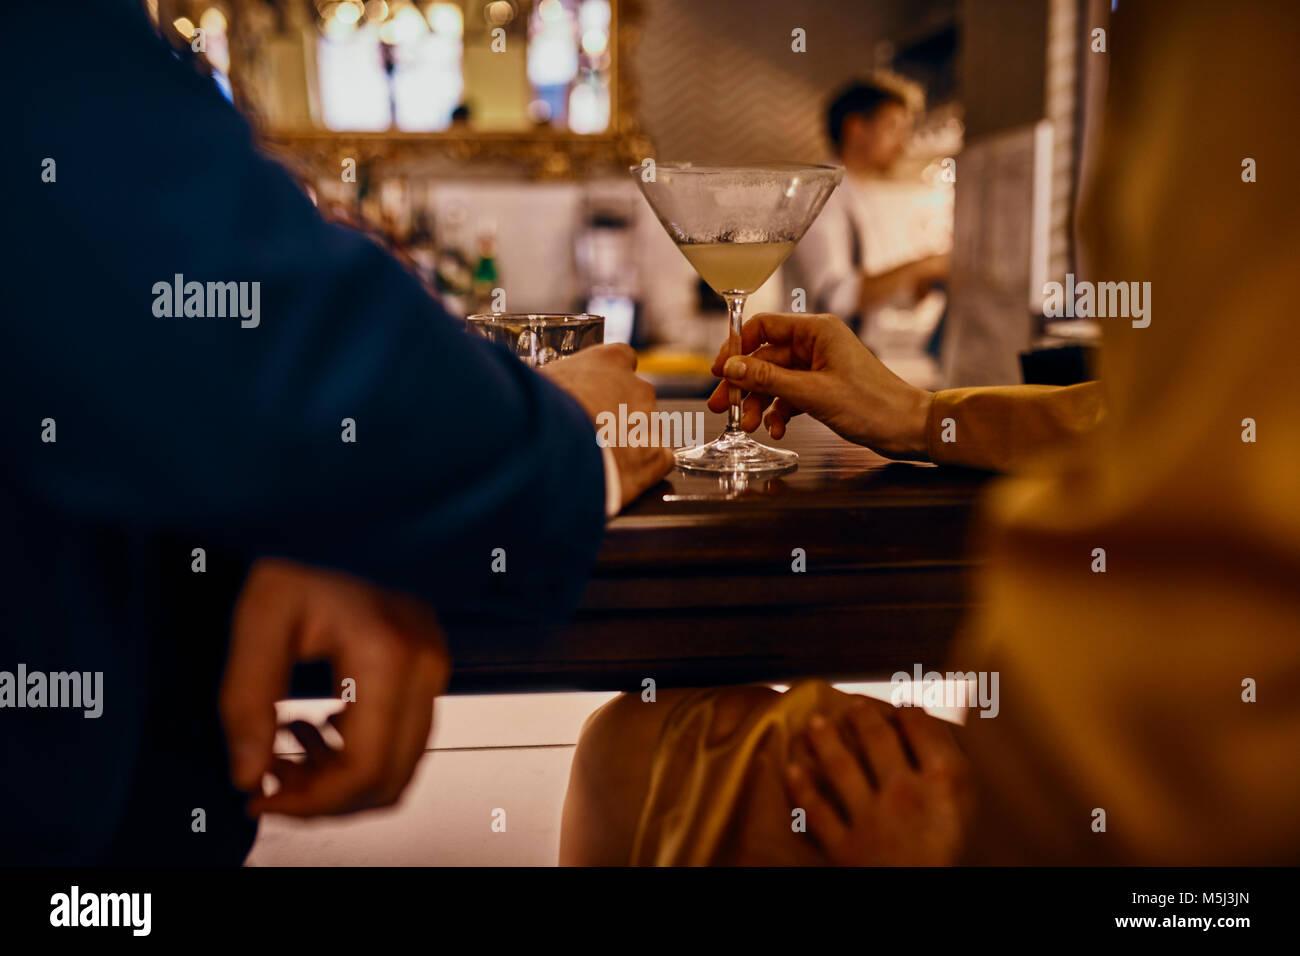 Close-up of elegant couple avoir un verre au comptoir d'un bar Photo Stock